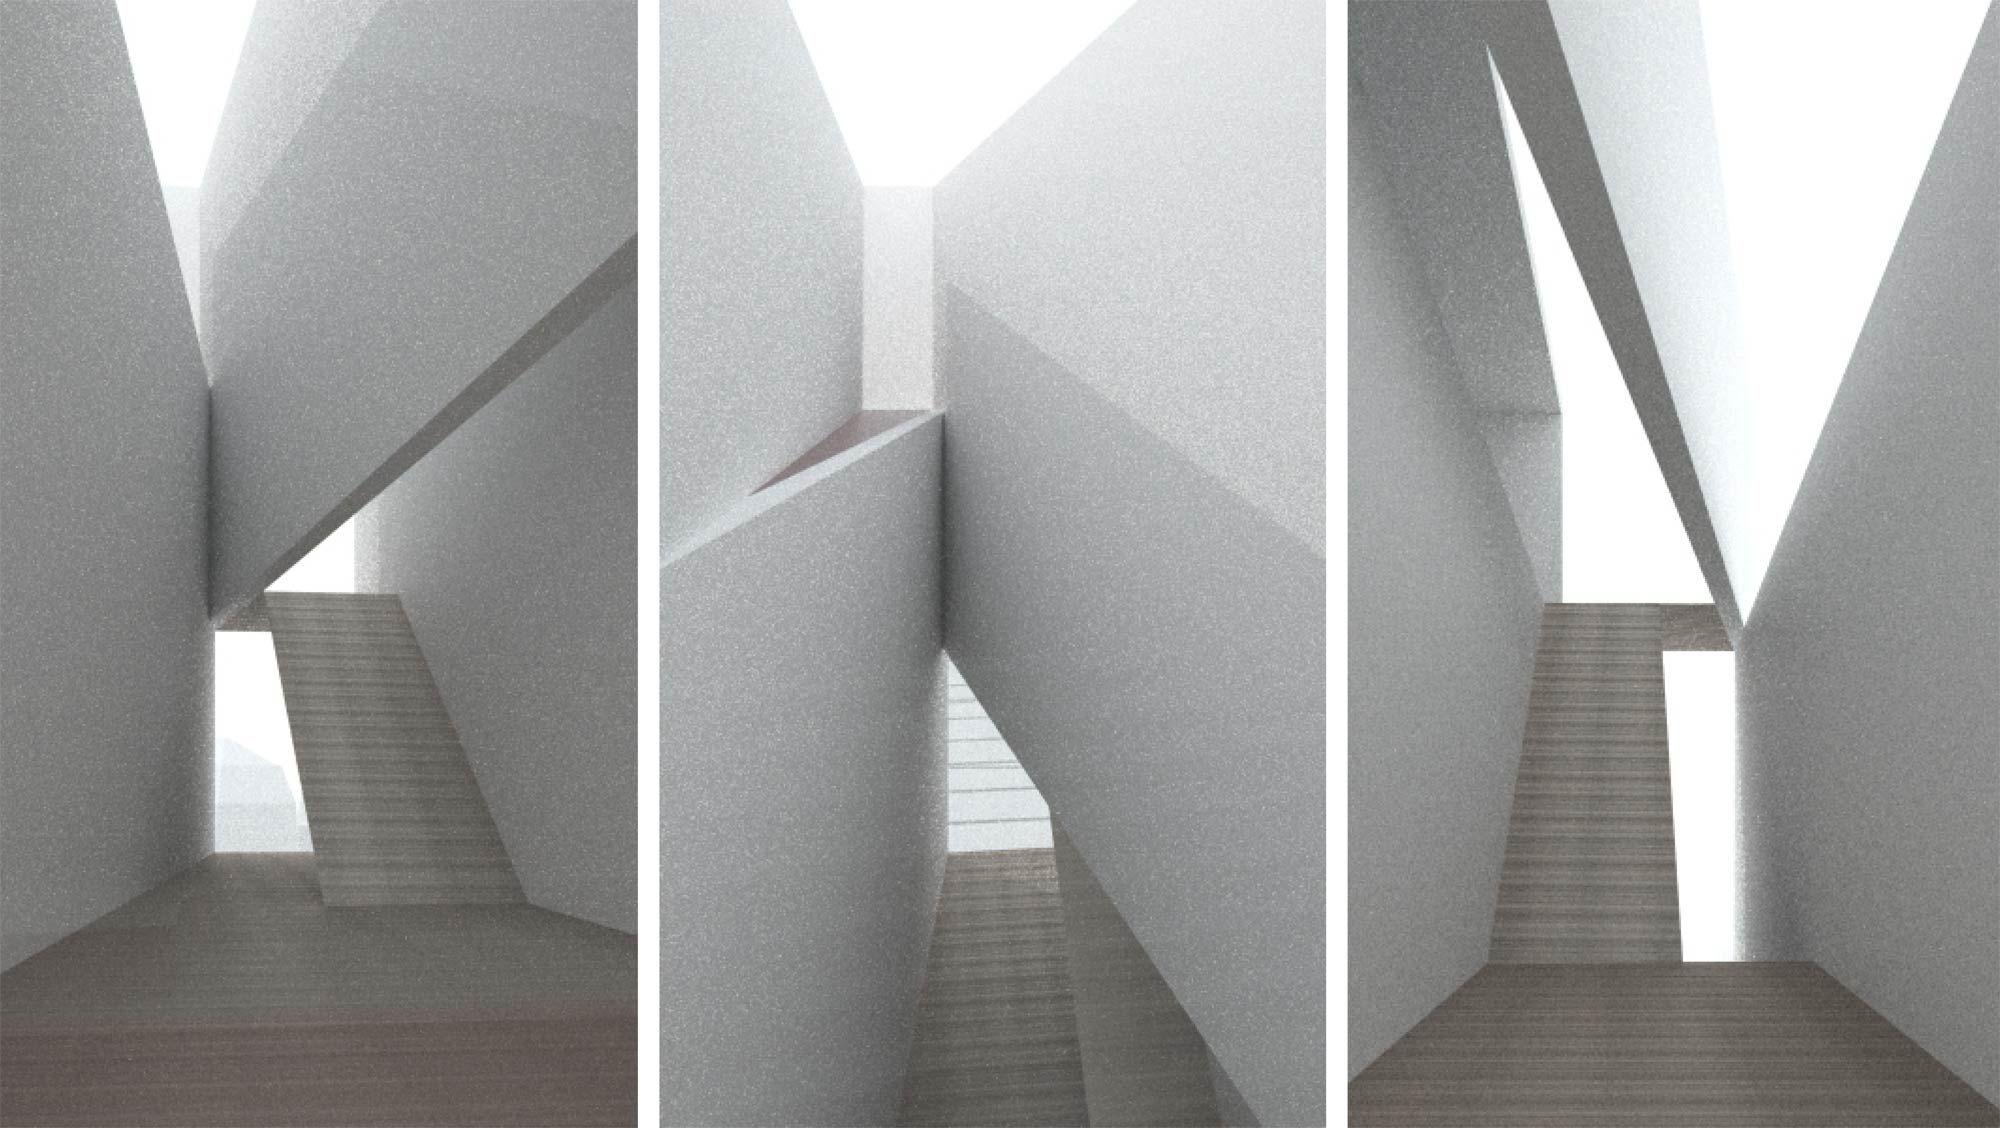 allied works architecture - Musée Cantonal des Beaux-arts / Lausanne